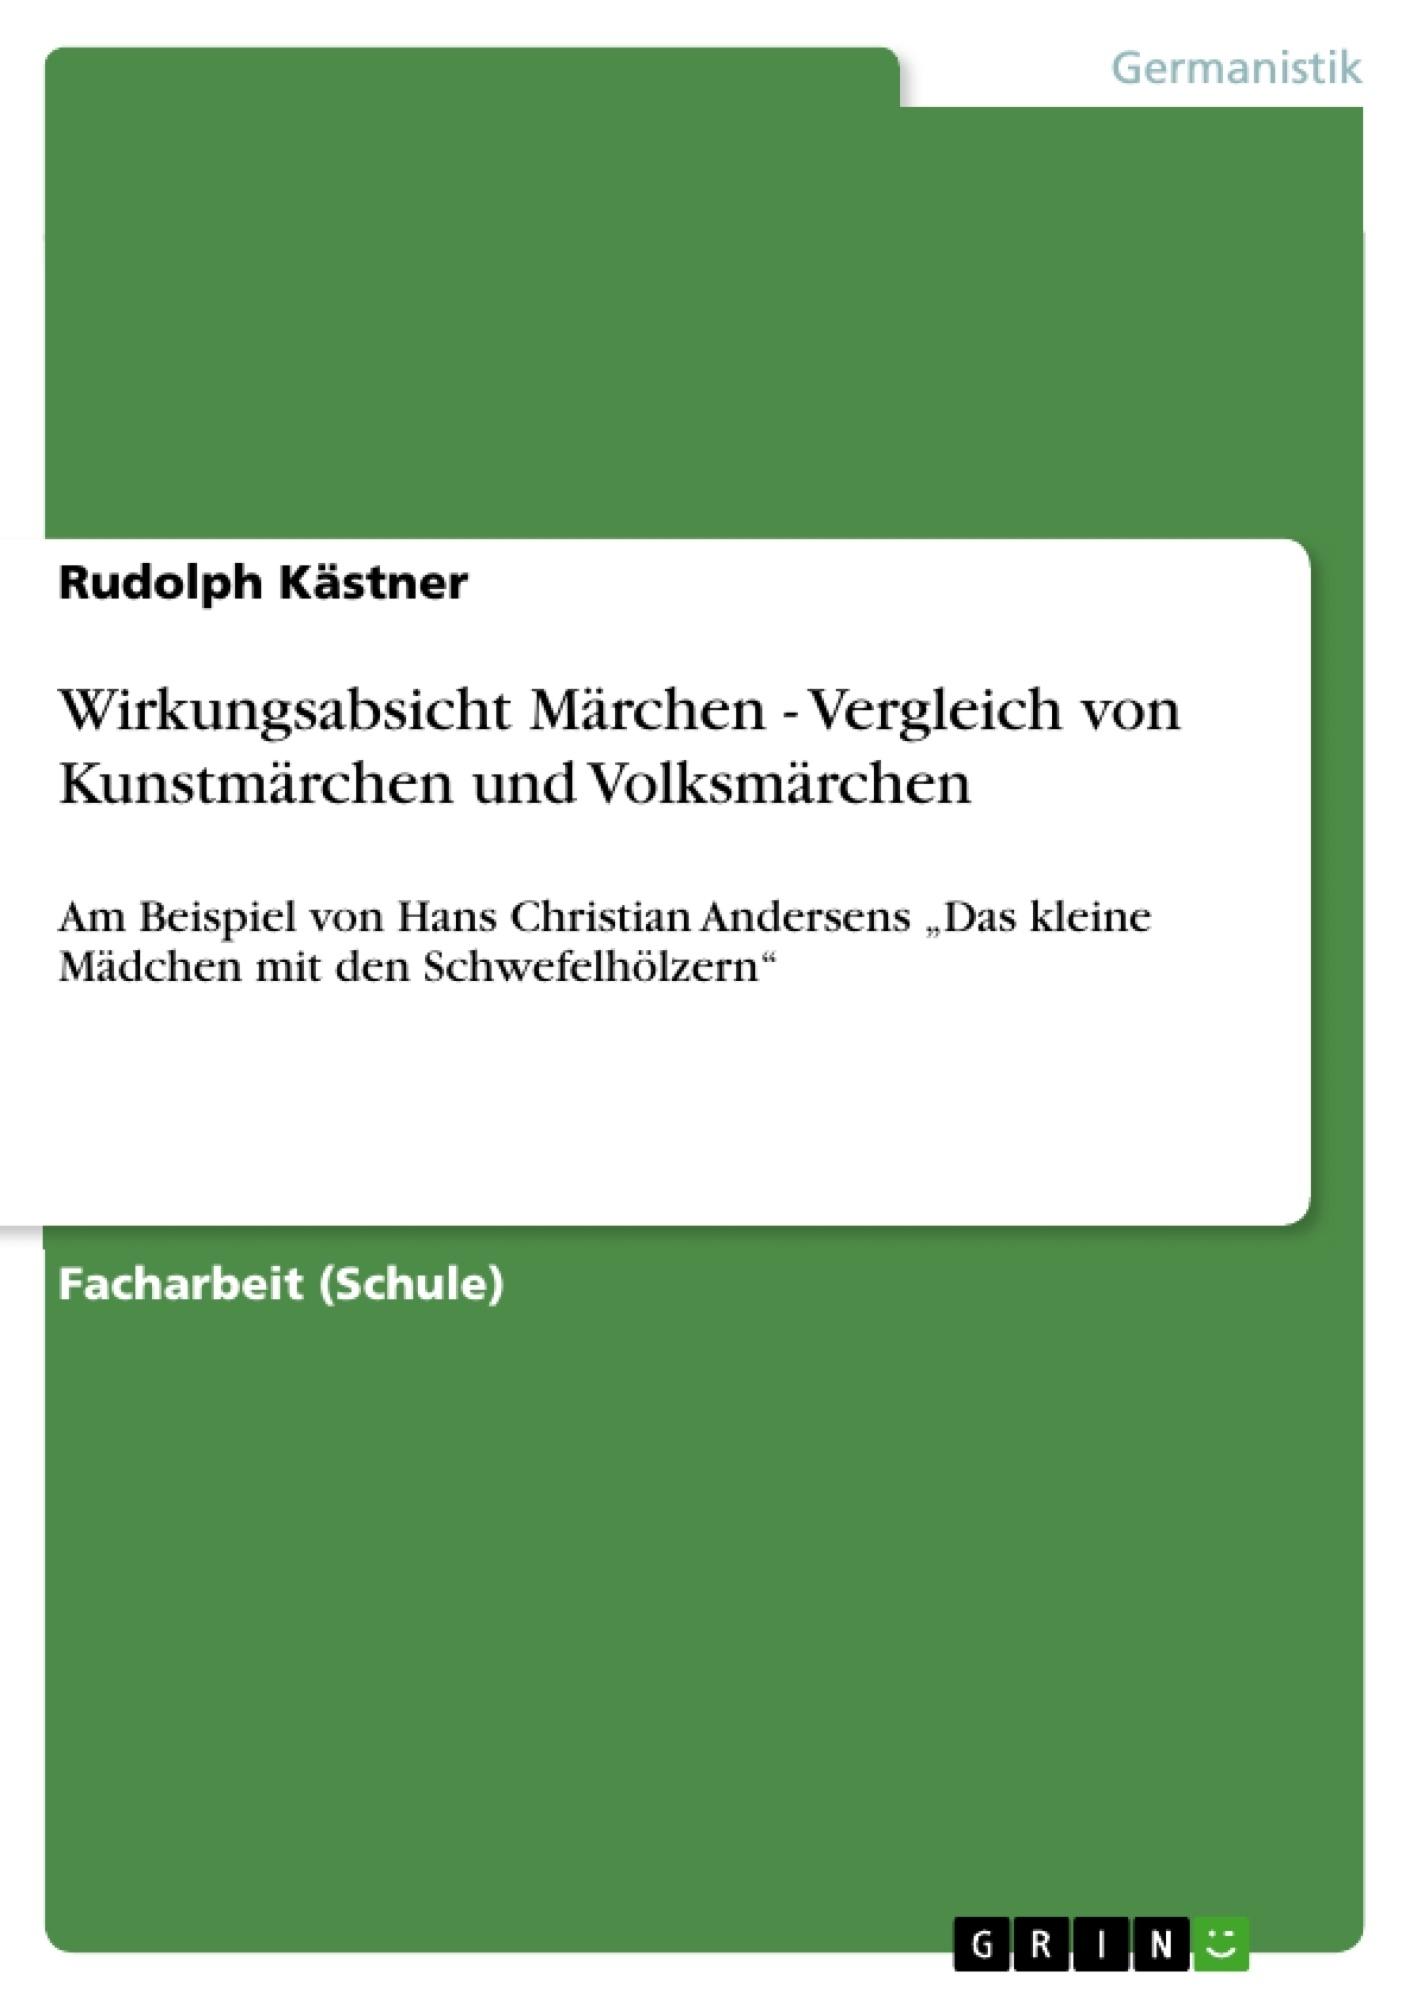 Titel: Wirkungsabsicht Märchen - Vergleich von Kunstmärchen und Volksmärchen